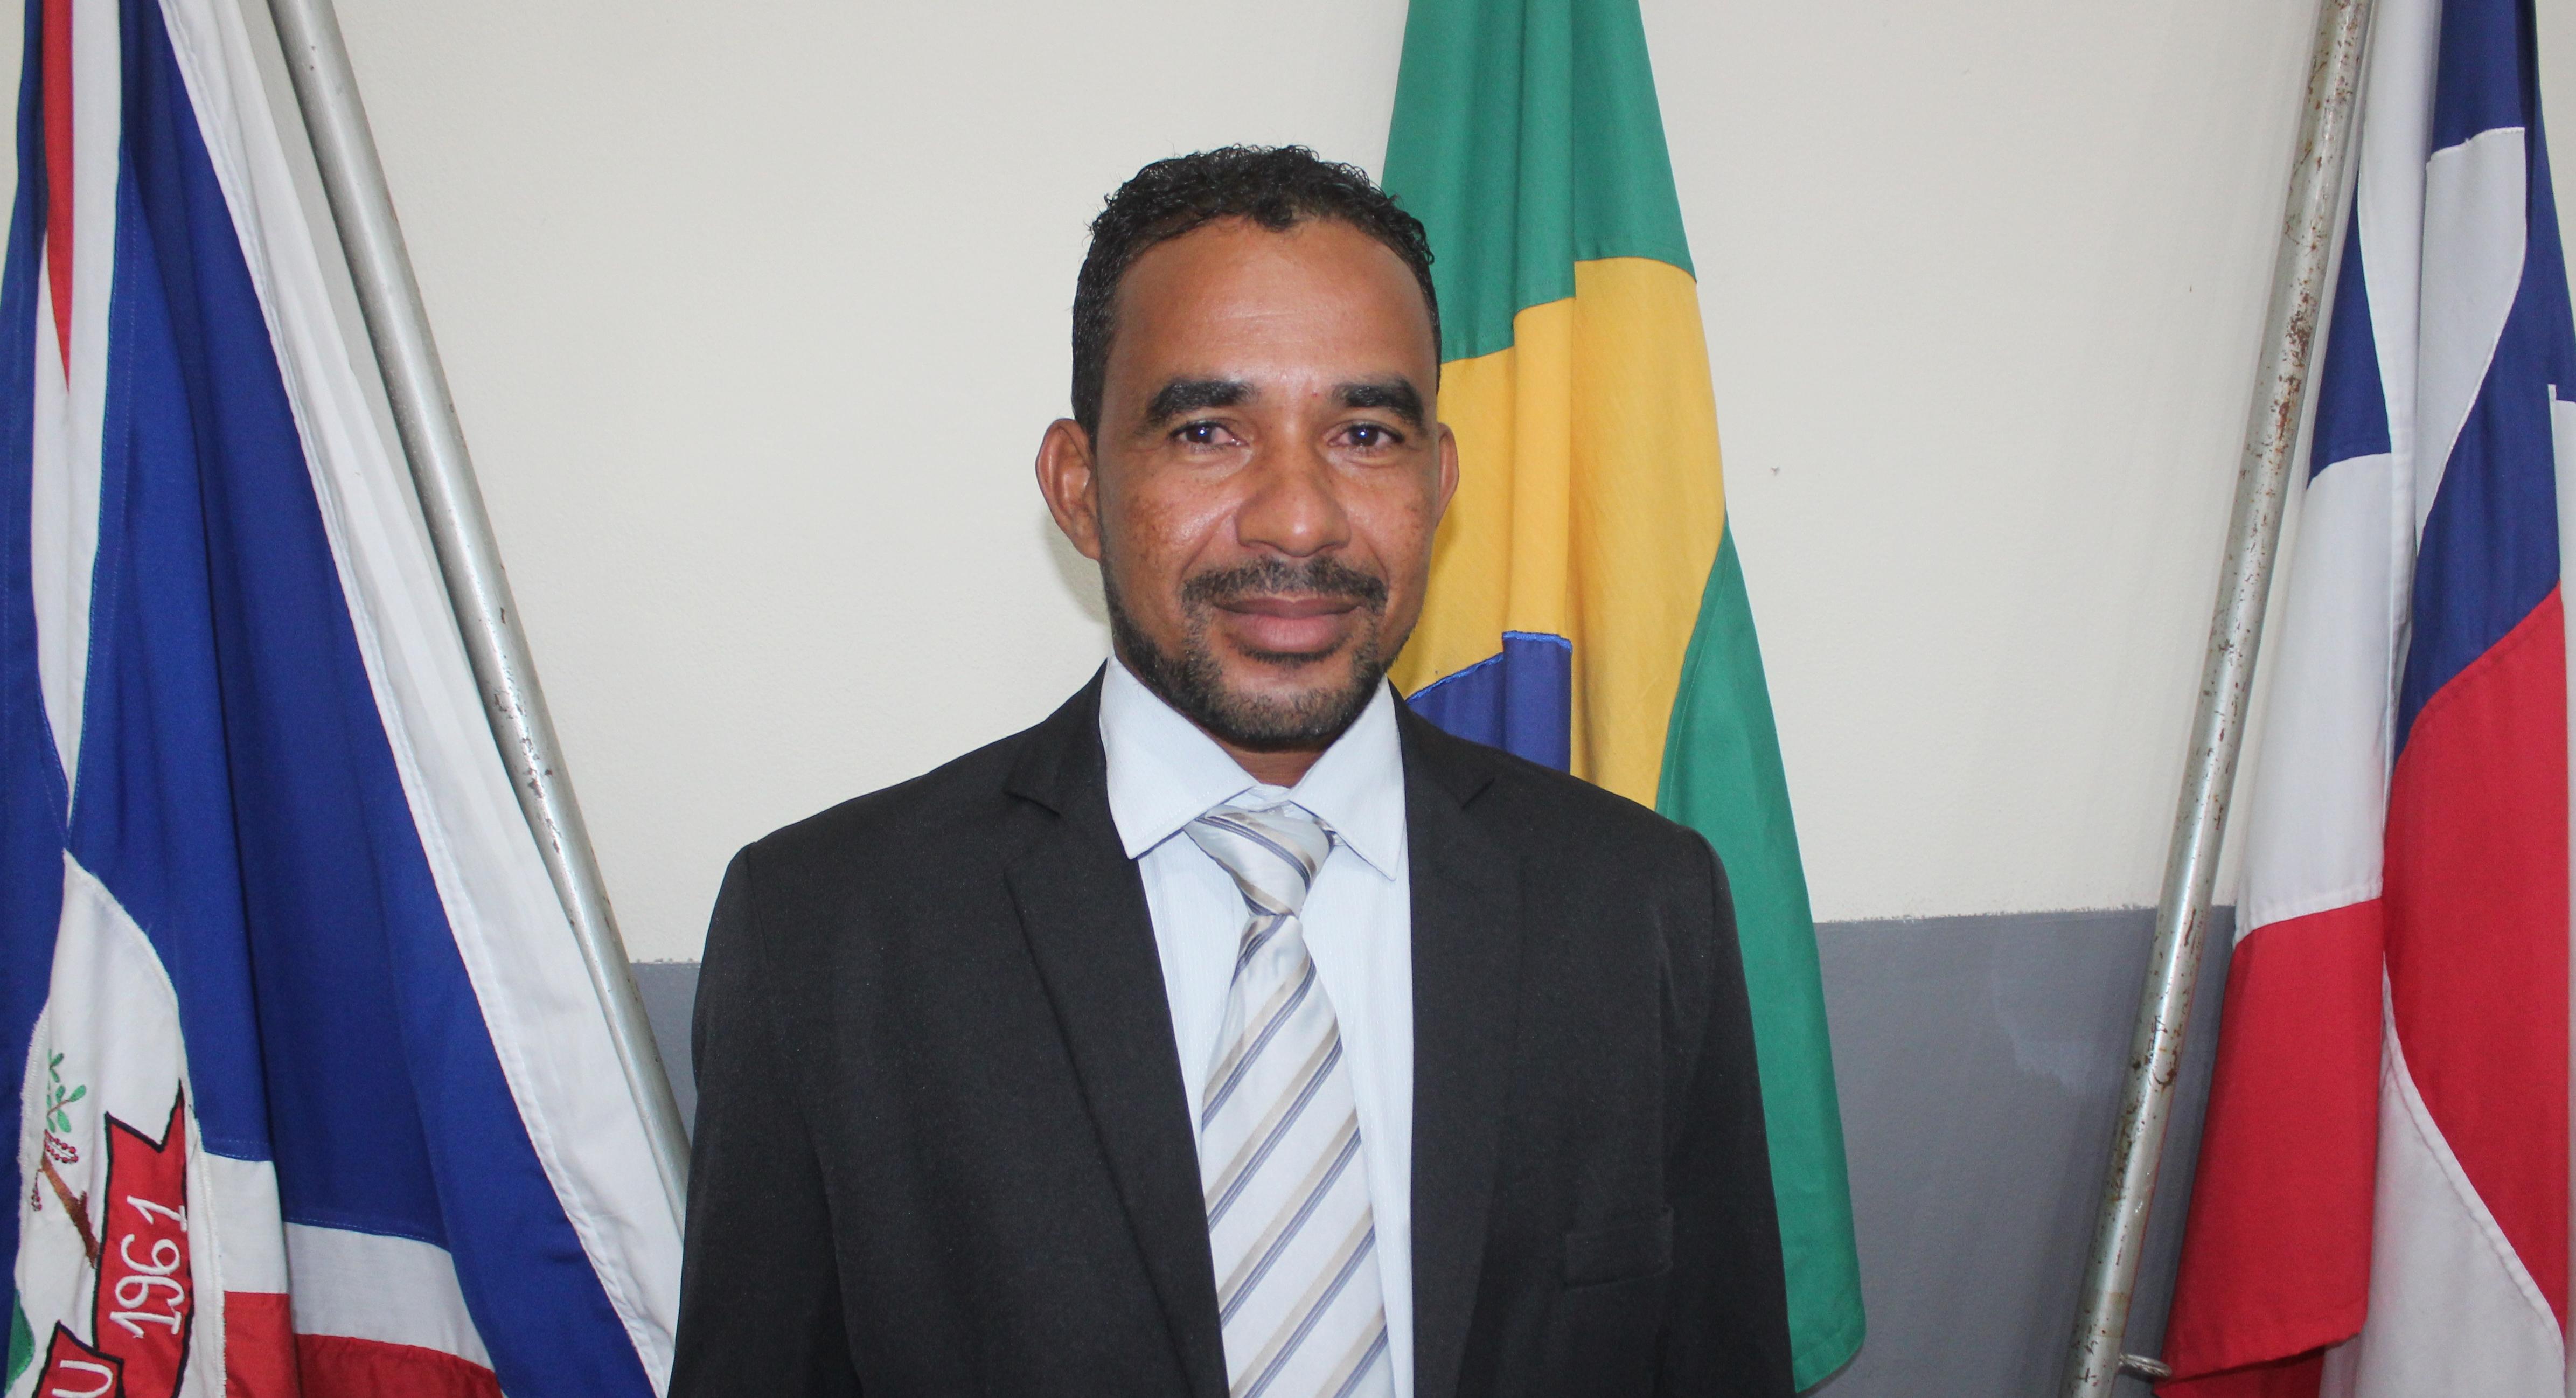 Vereador Domingos Solicita manutenção de Iluminação para o Cemitério São Cosme e São Damião